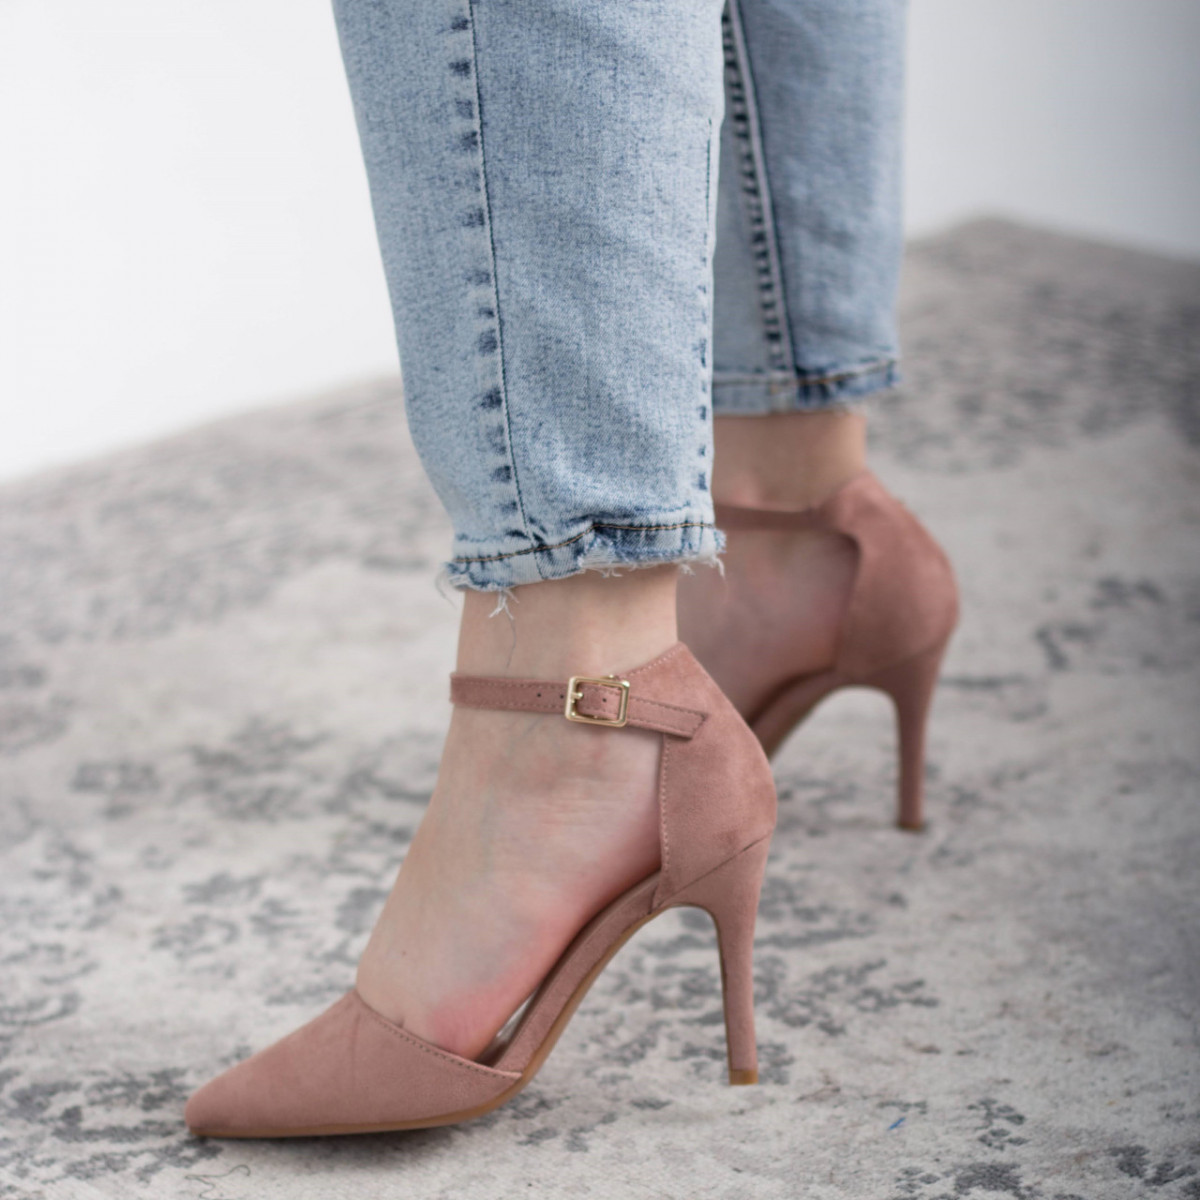 Туфли женские Fashion Ulian 2633 38 размер 24,5 см Розовый